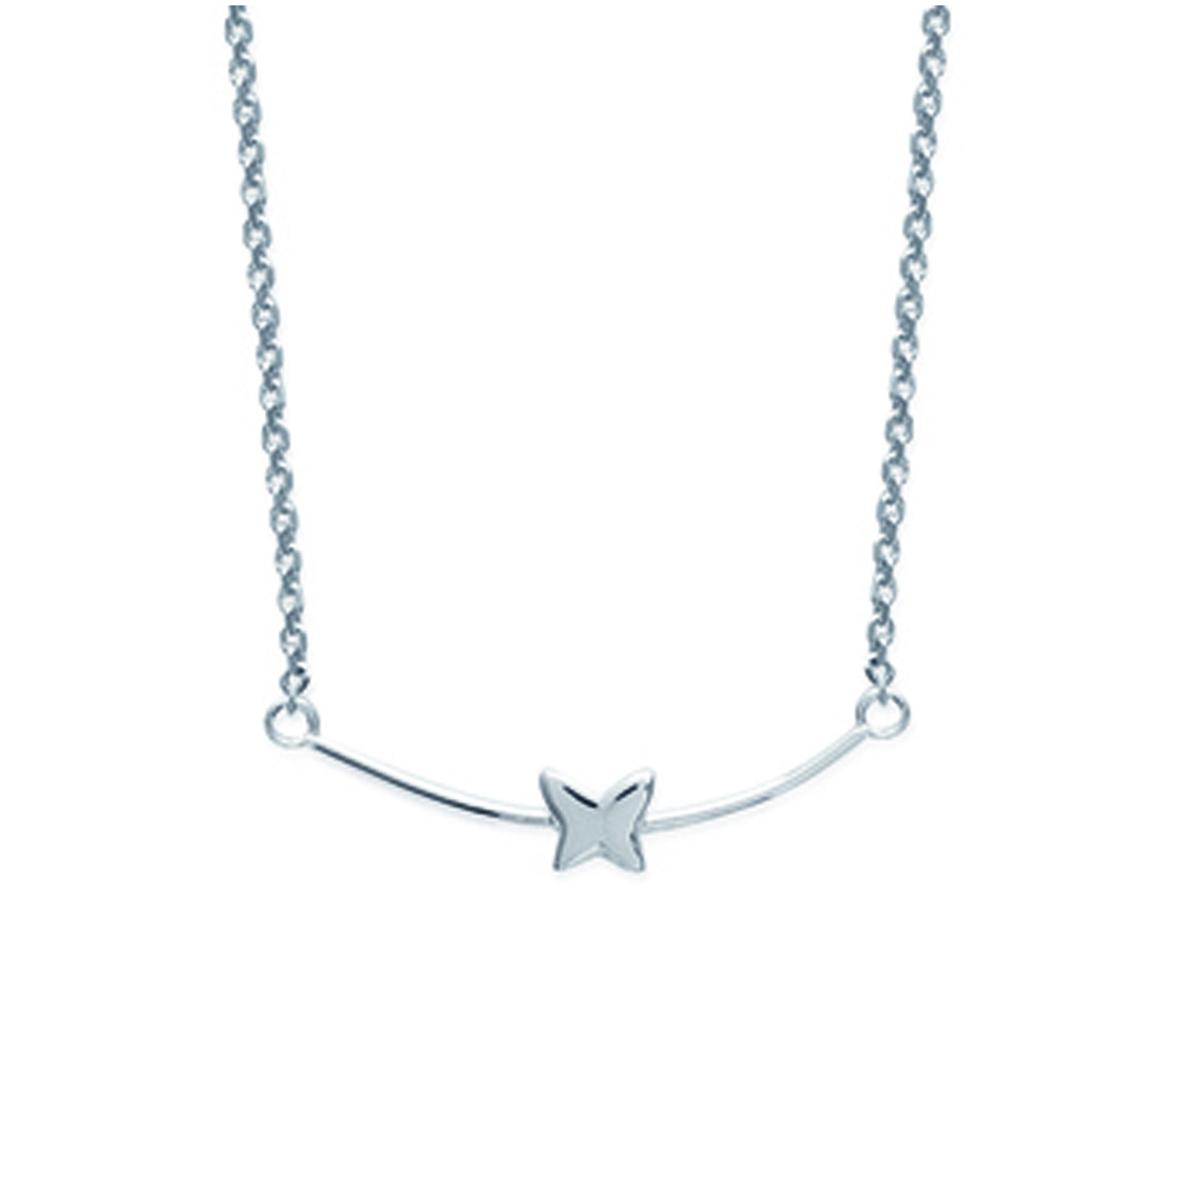 Collier Argent \'Papillon\' argenté (rhodié) - 30x5 mm - [K3739]